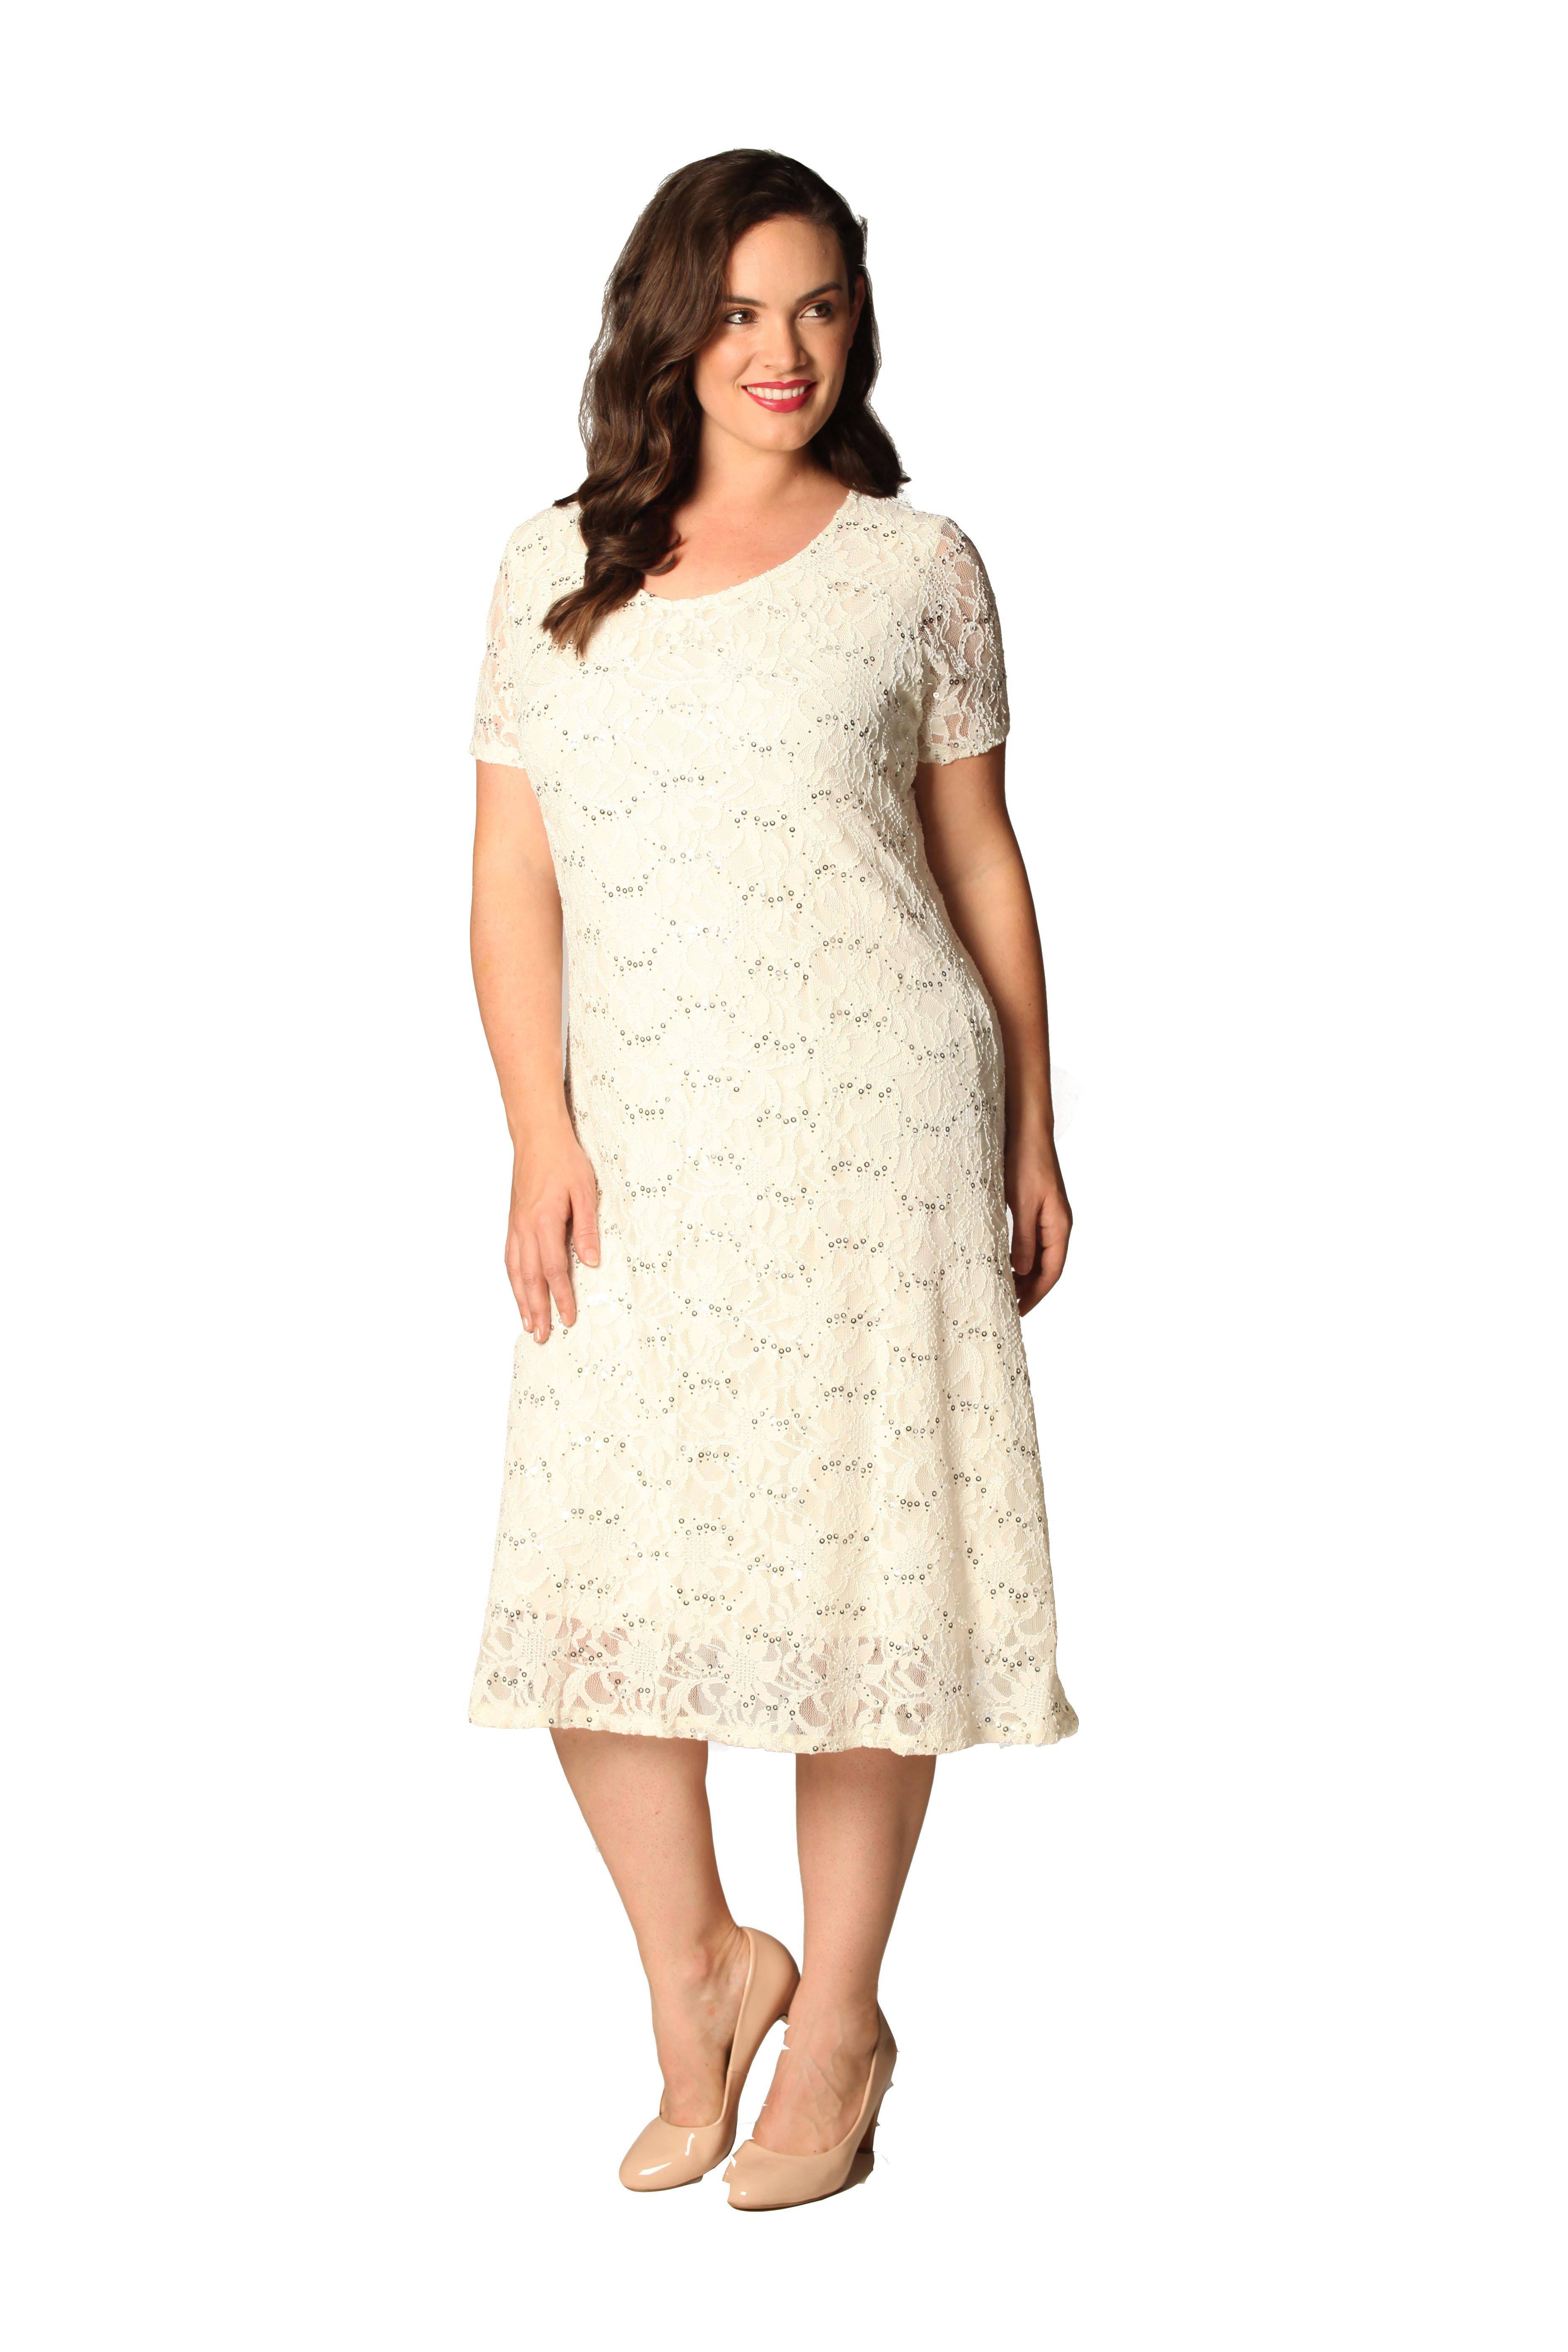 Womens Plus Size Dress Ladies Flapper Sequin Lace Floral Short ...